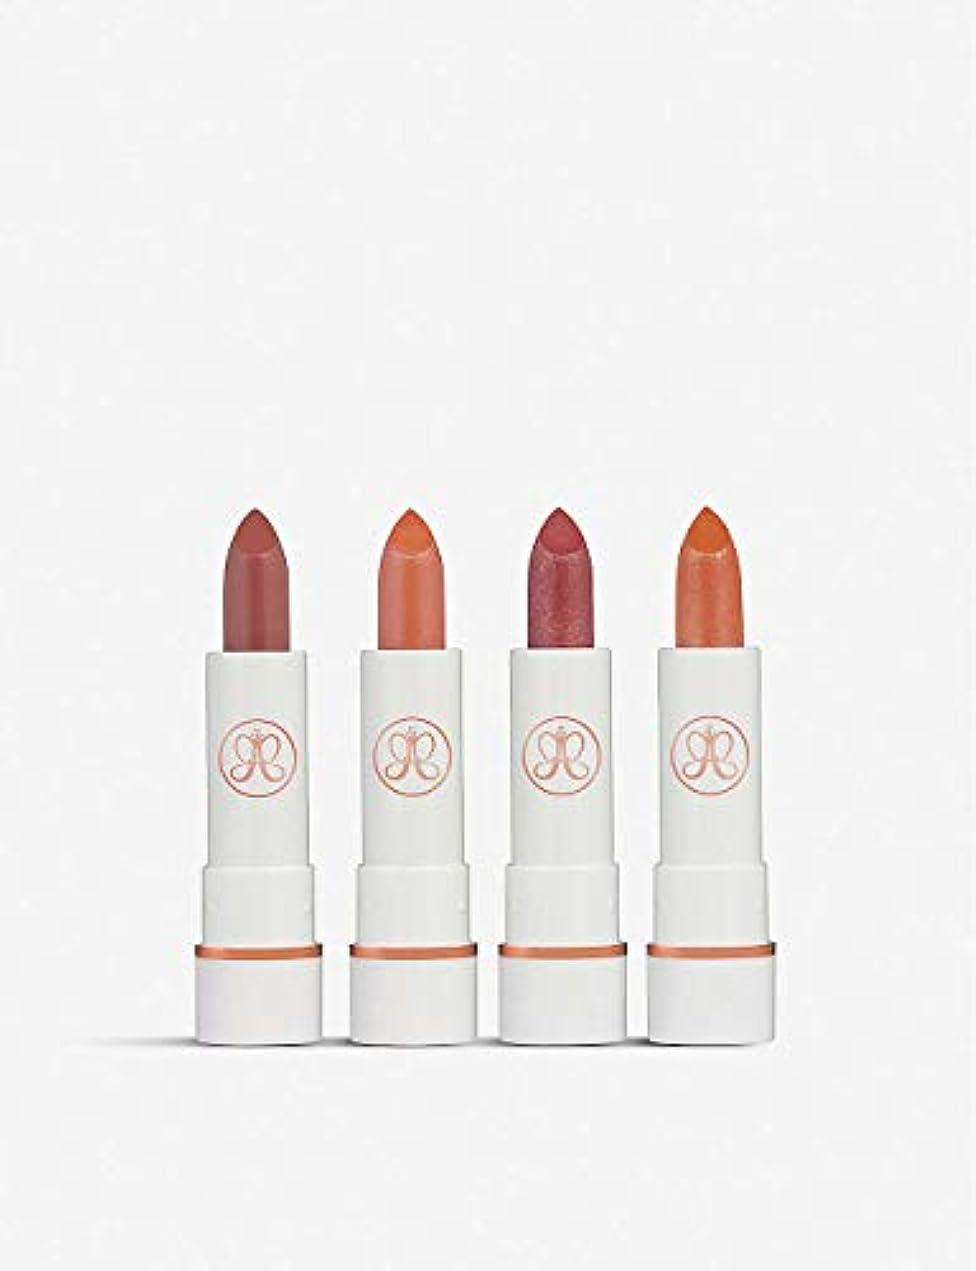 笑い本質的ではない着飾るMini matte lipsticks set of four ミニサイズ マットリップステック 4本x1.3g Guava/Coconut/Orange Blossom/Lychee